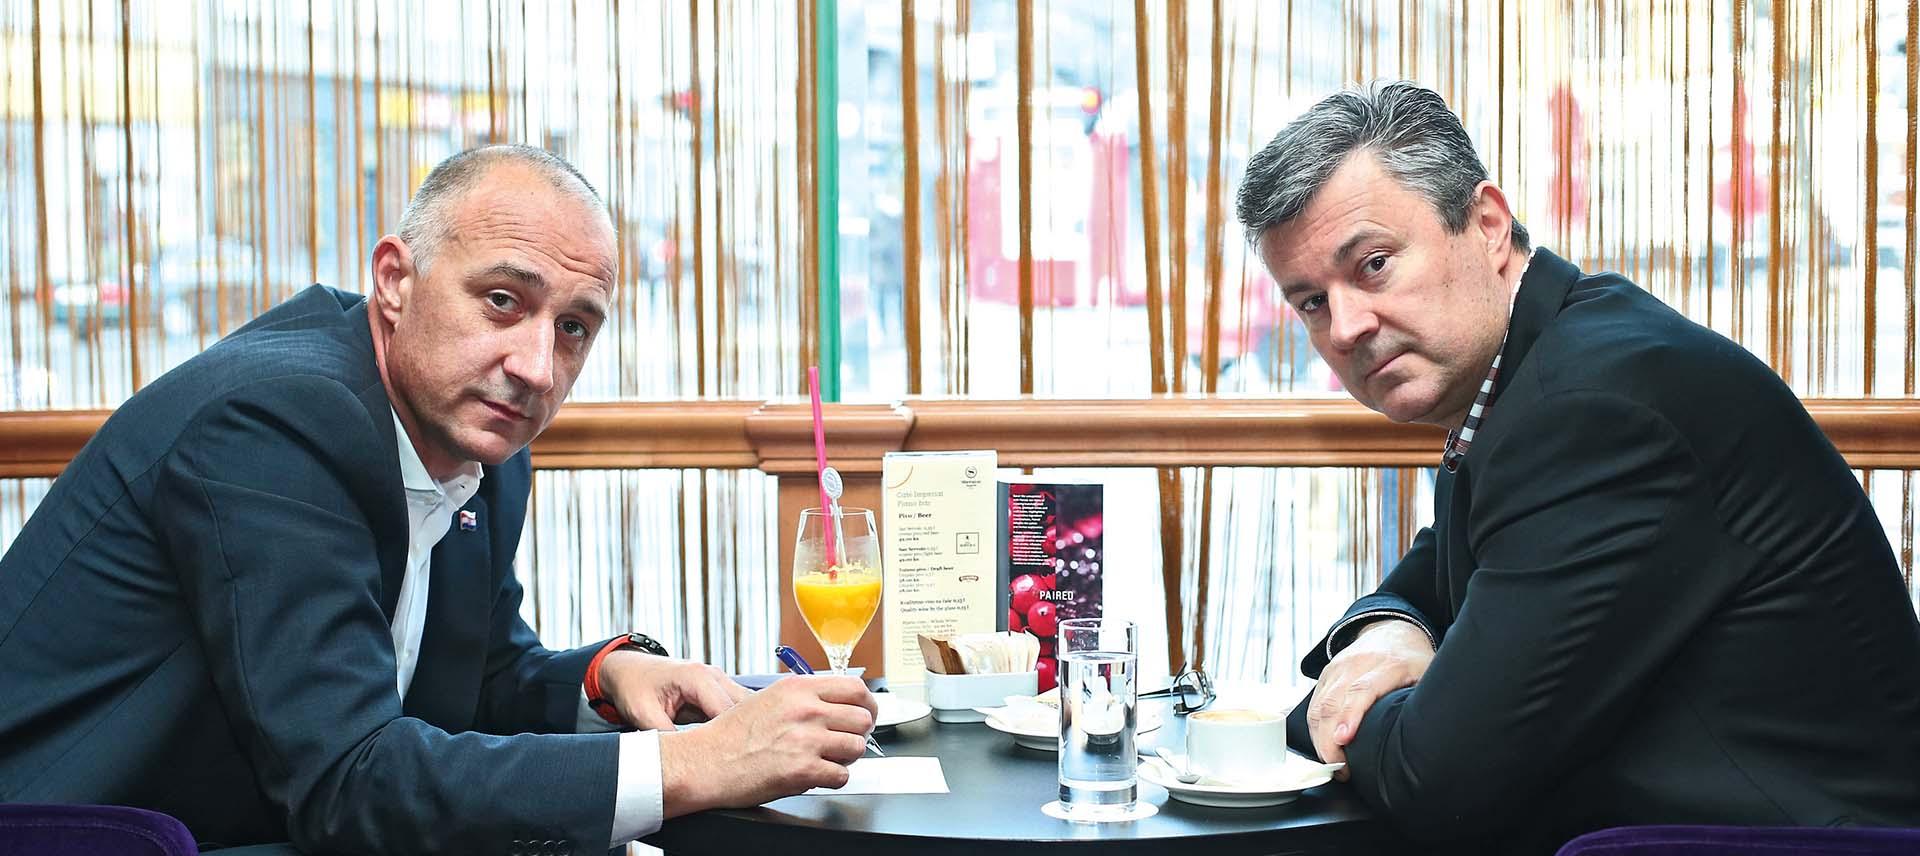 HRVATSKI PREMIJER OTKRIVA: 'Prodaja preostalih dionica Ine u ovom trenutku nije opcija'